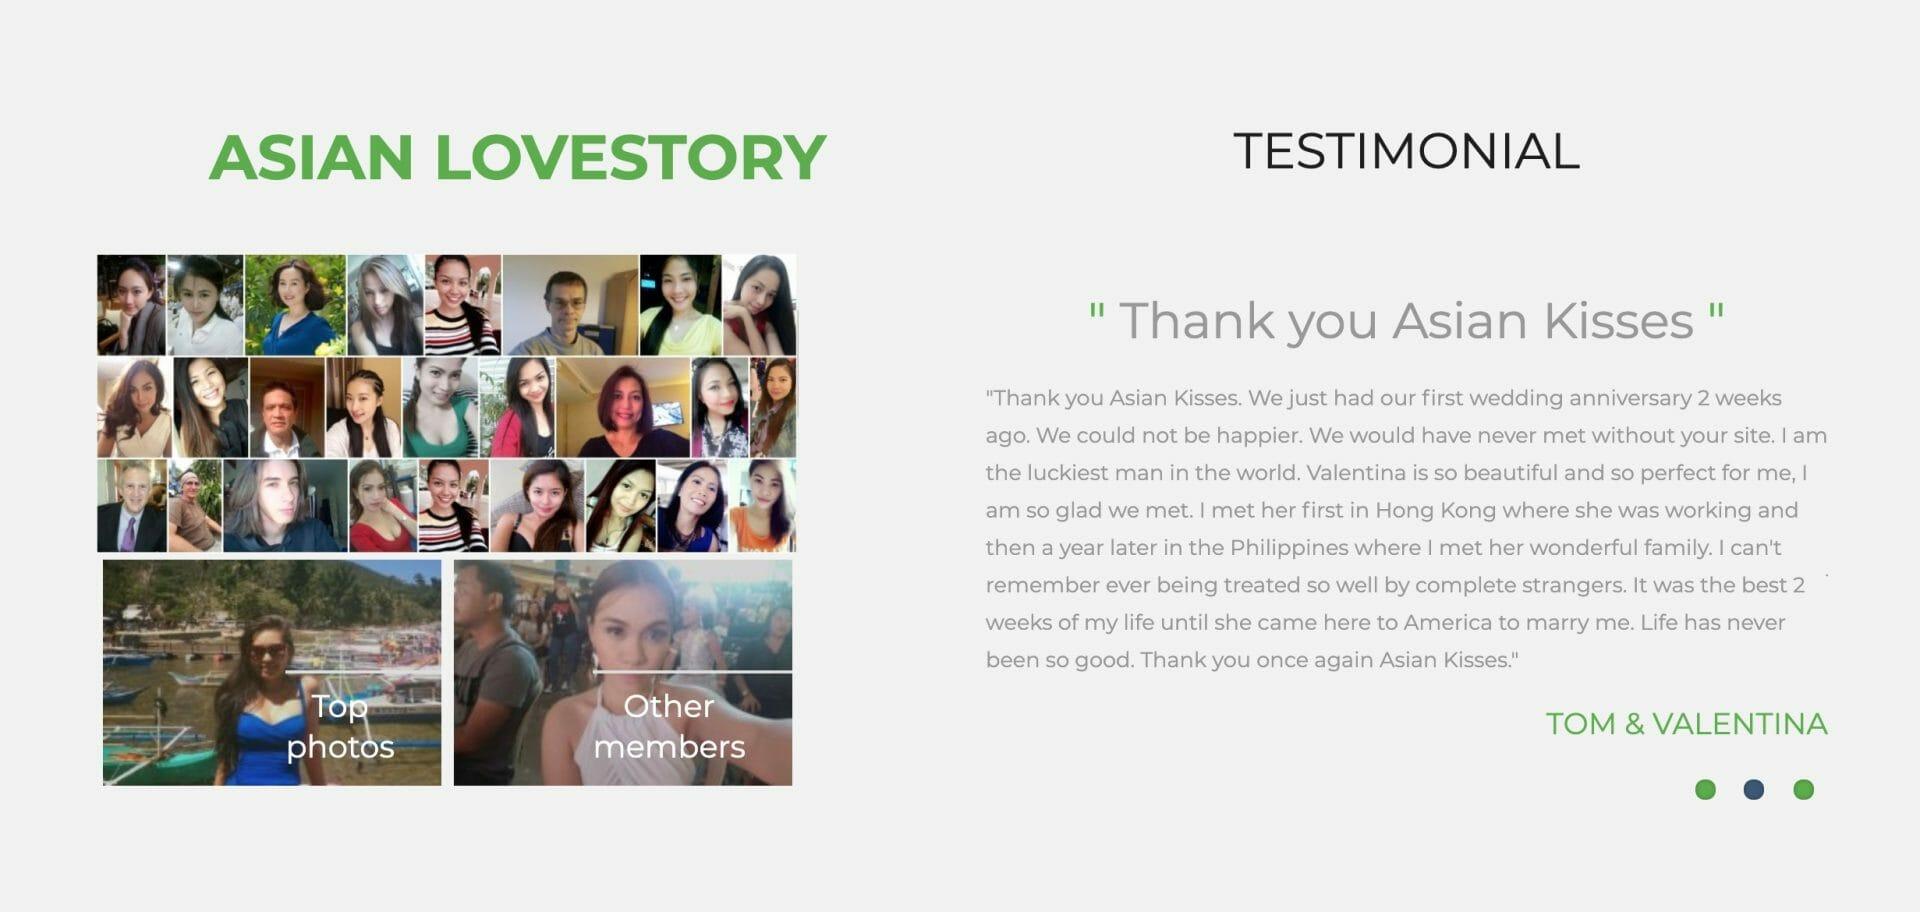 AsianKisses testimonial